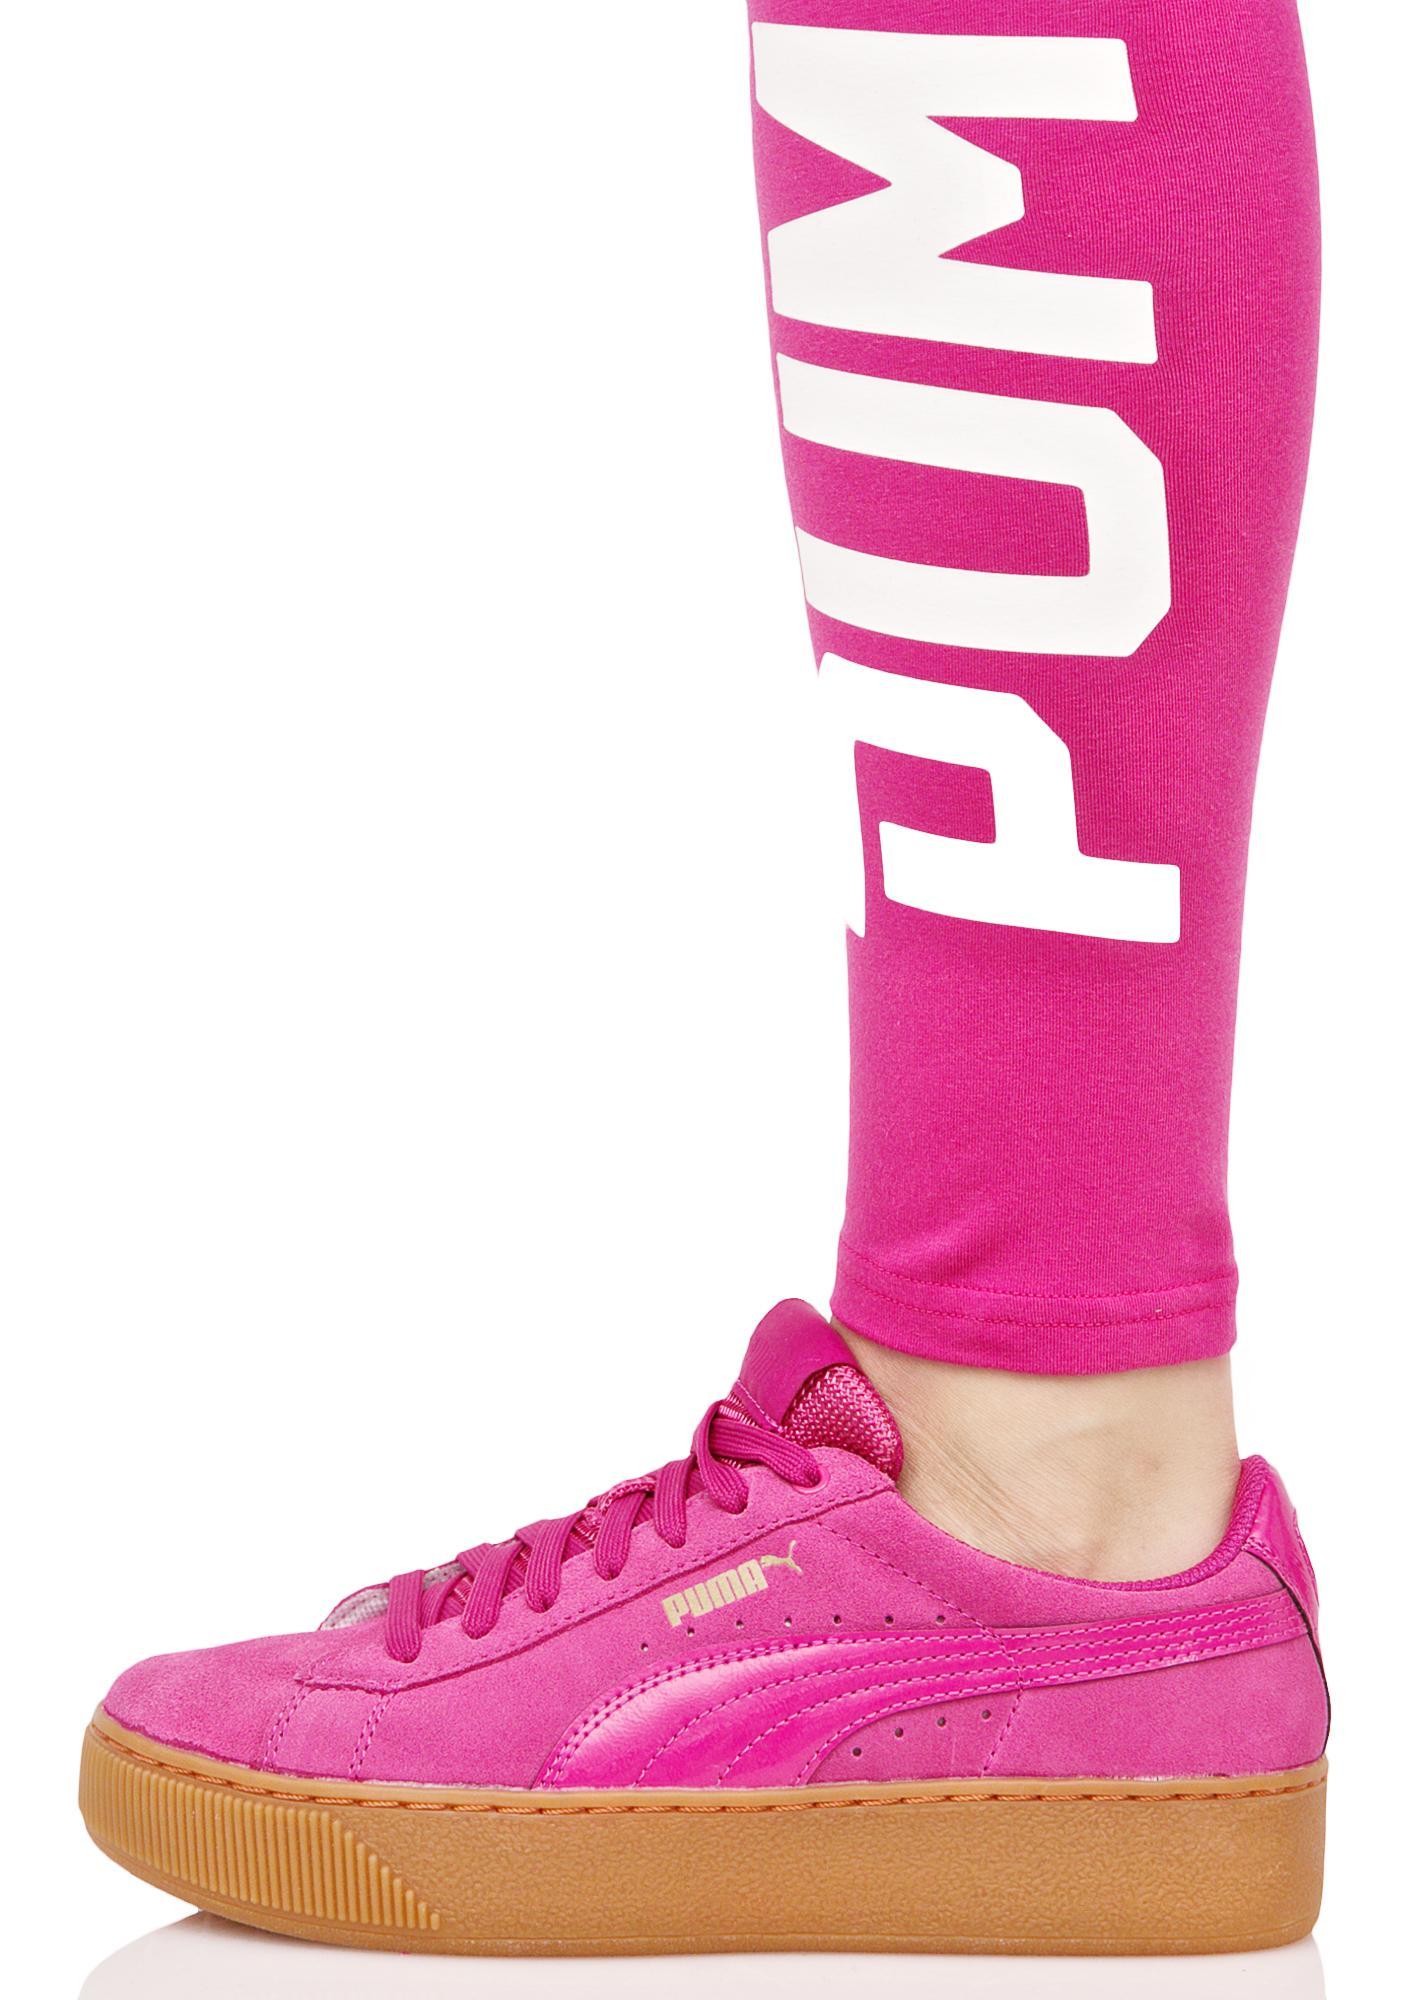 PUMA Vikky Platform Sneakers